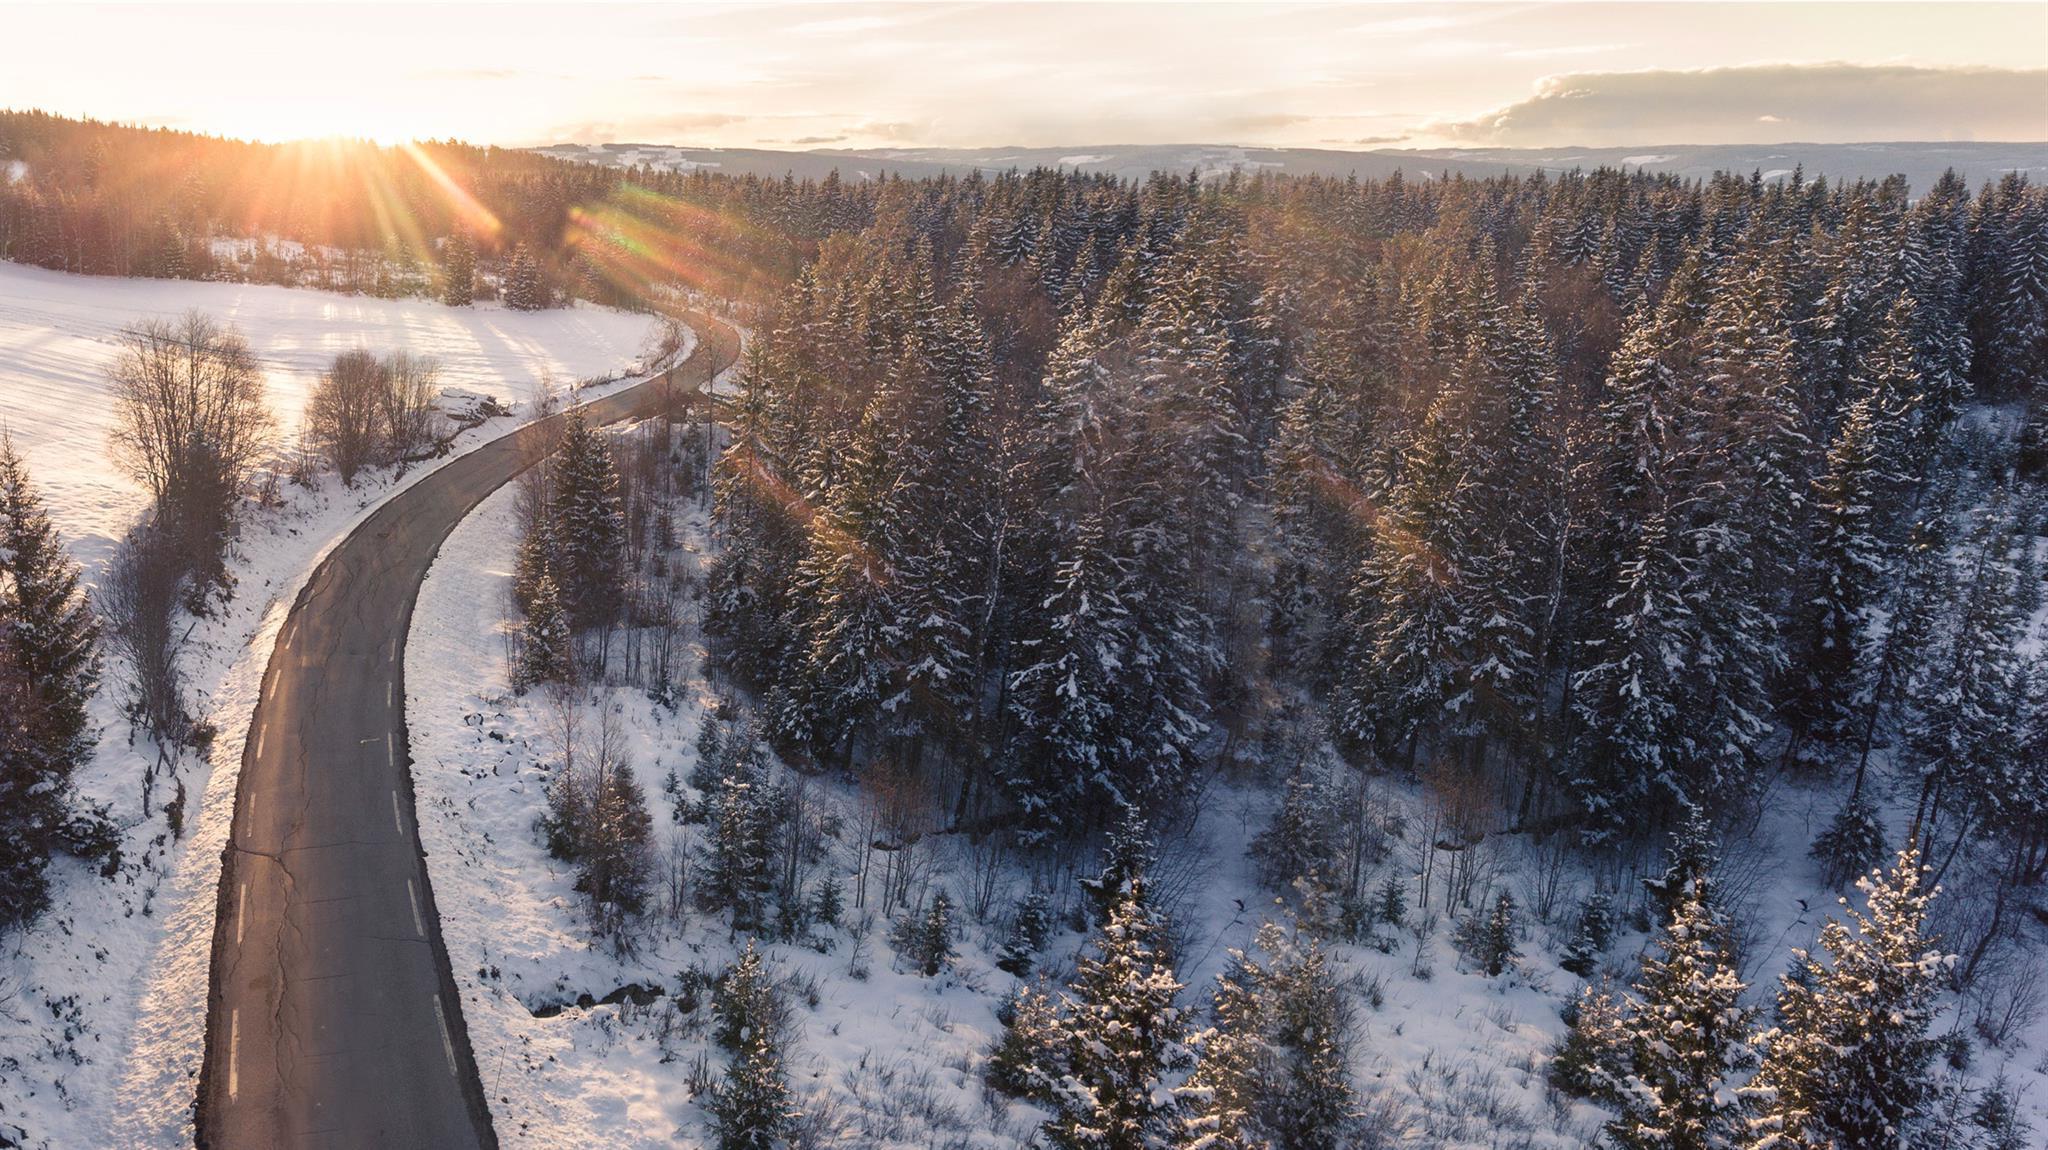 background winter campaign faq